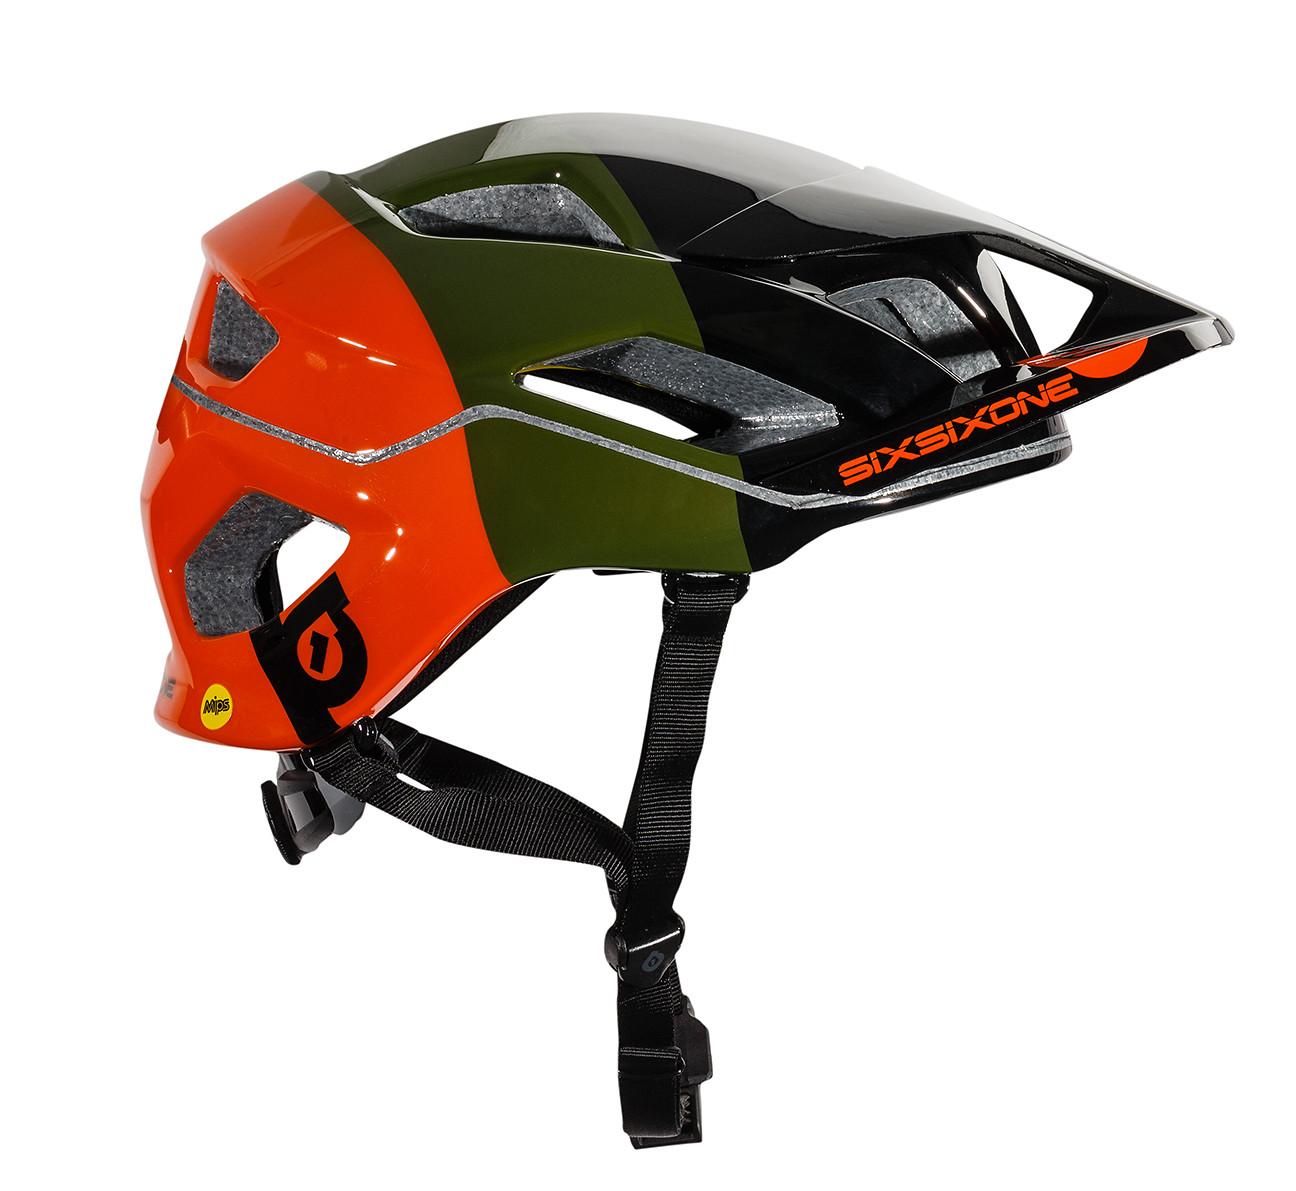 EVOAM_ARMY_helmets(1300x1191) copy